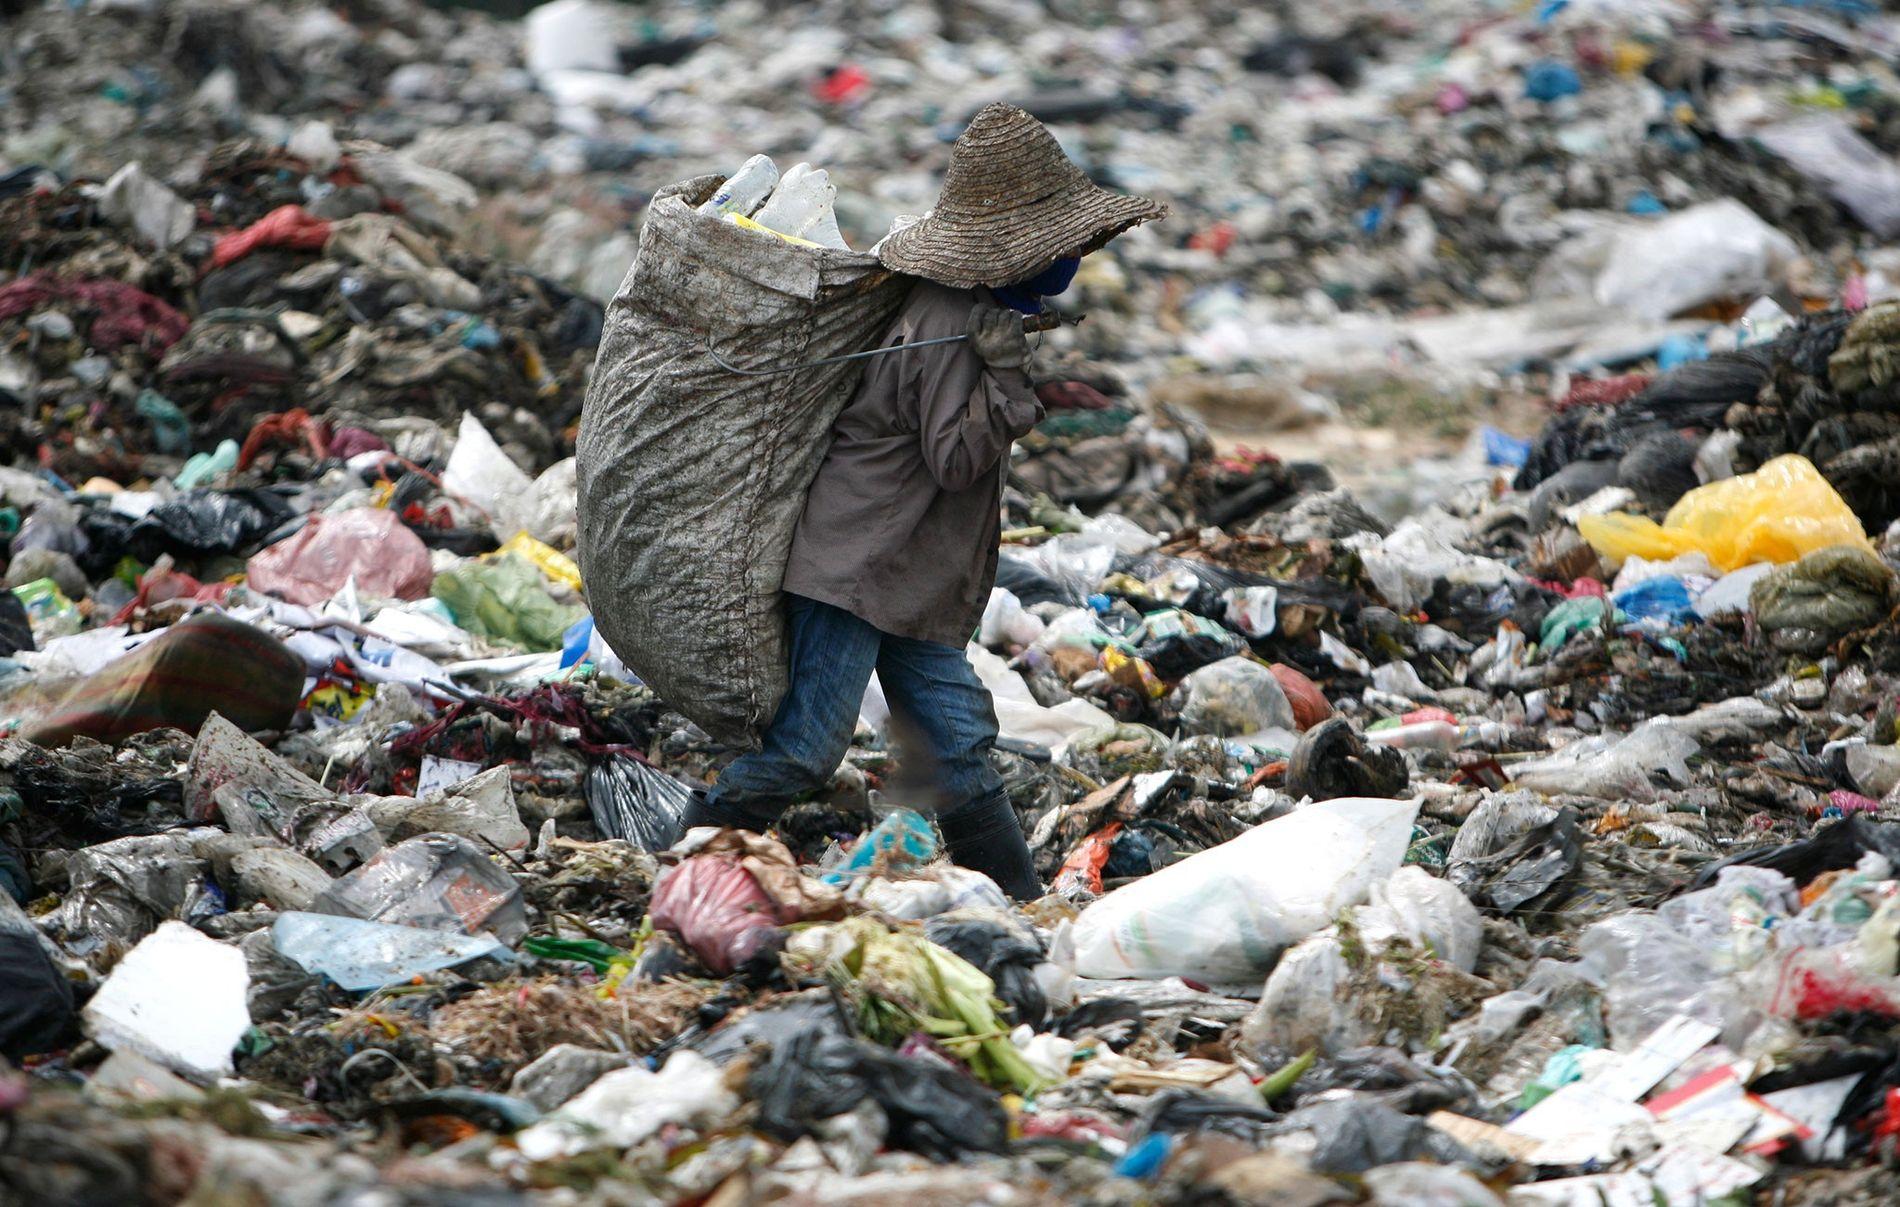 Un homme cherche du plastique à recycler dans une décharge en Malaisie.